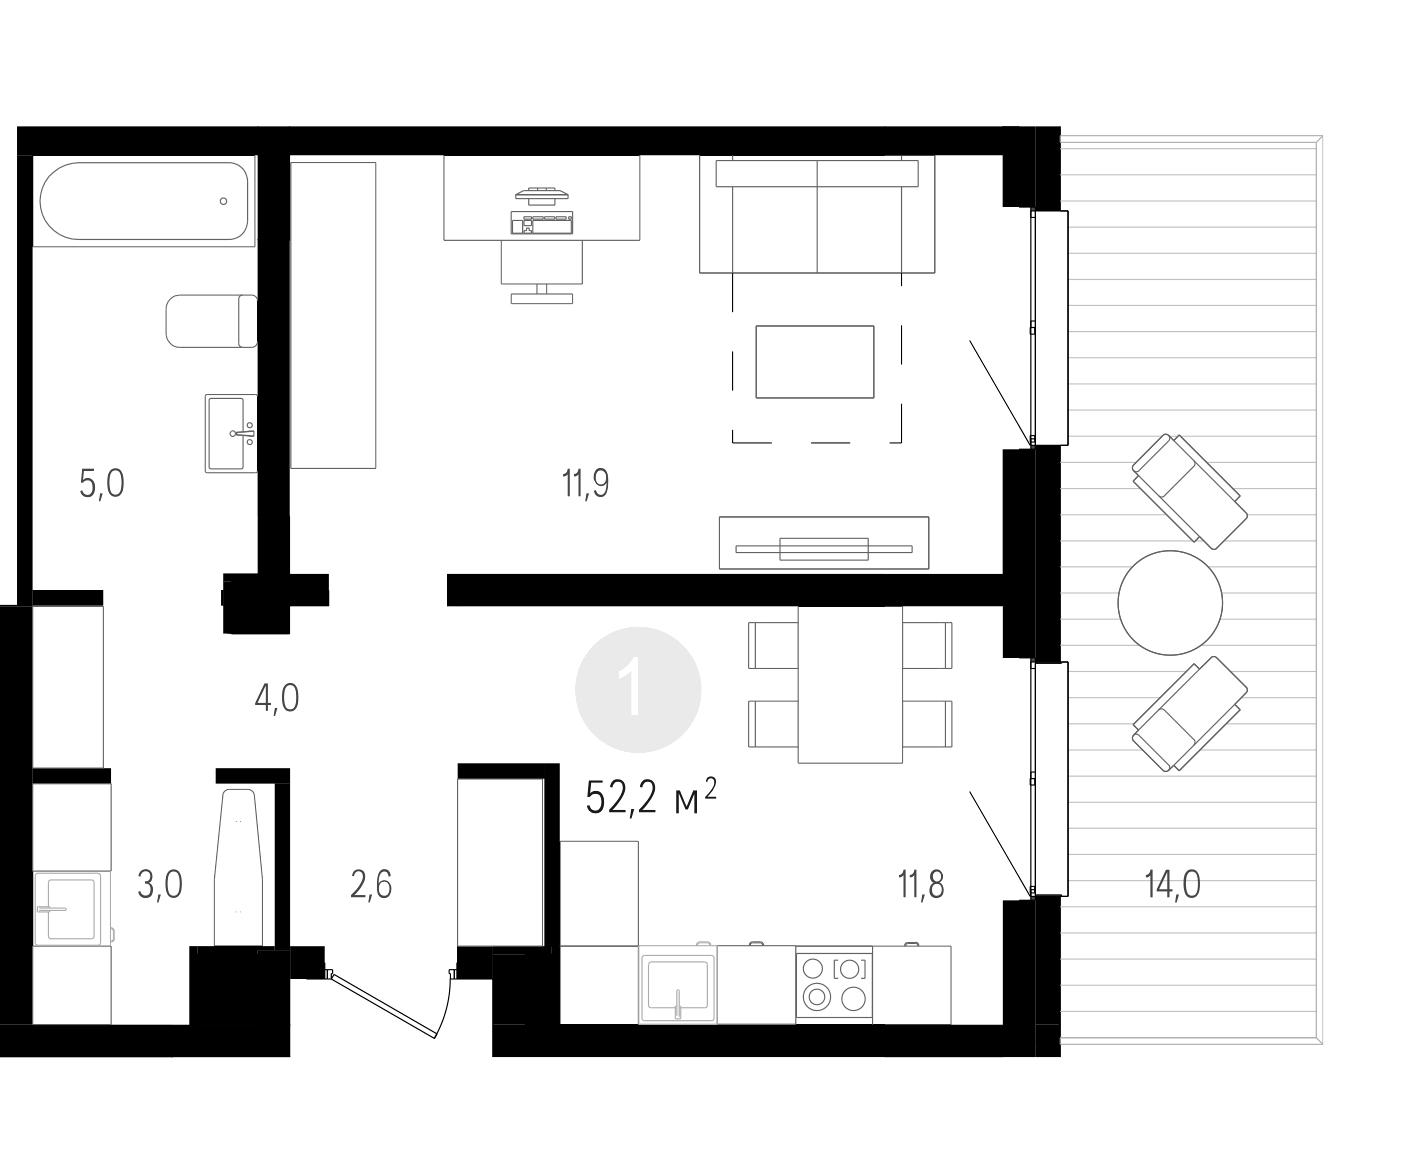 1-к.кв, 52.2 м²